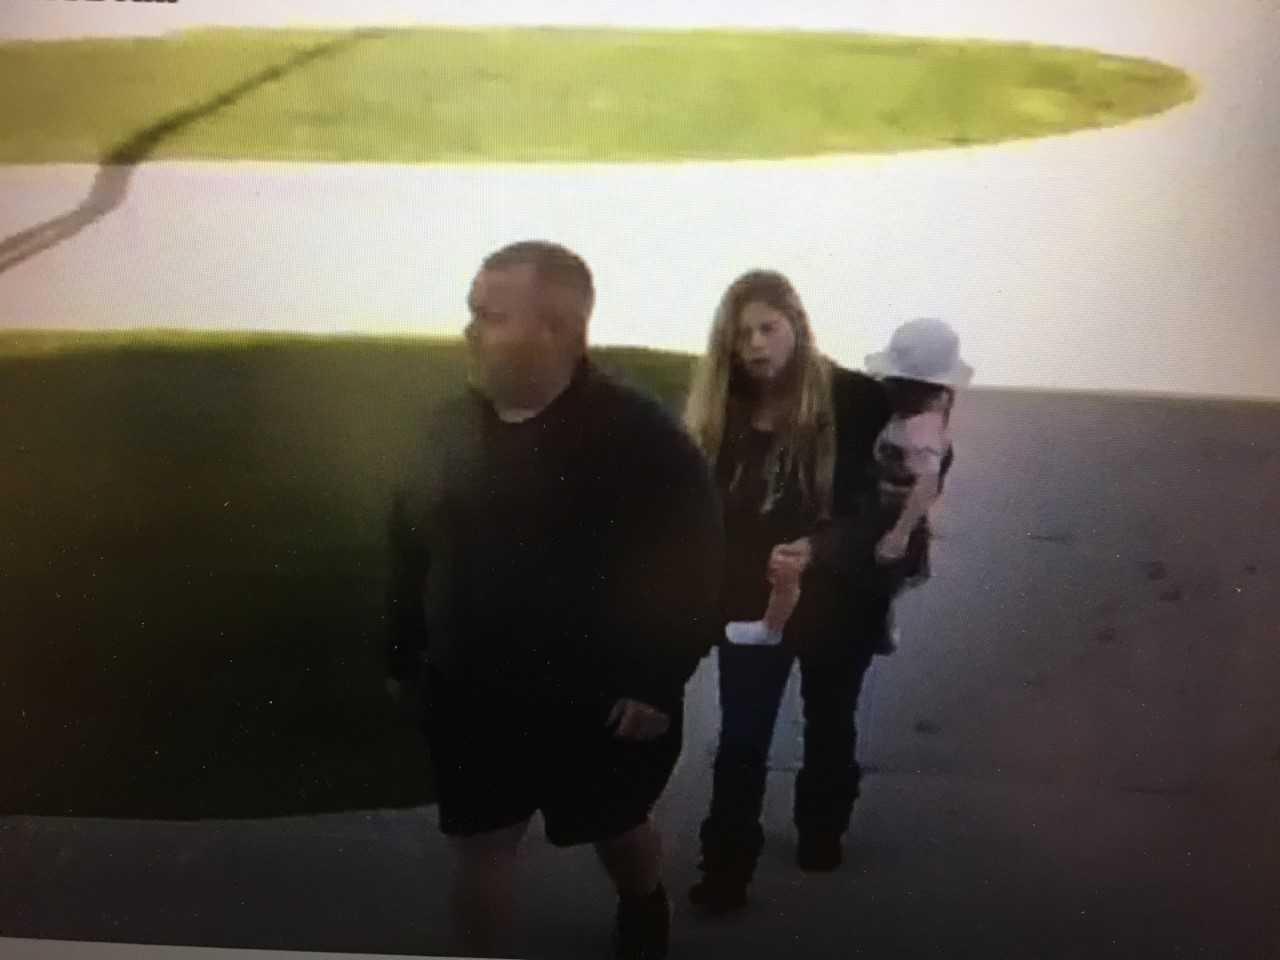 Photo from video surveillance in Iowa.